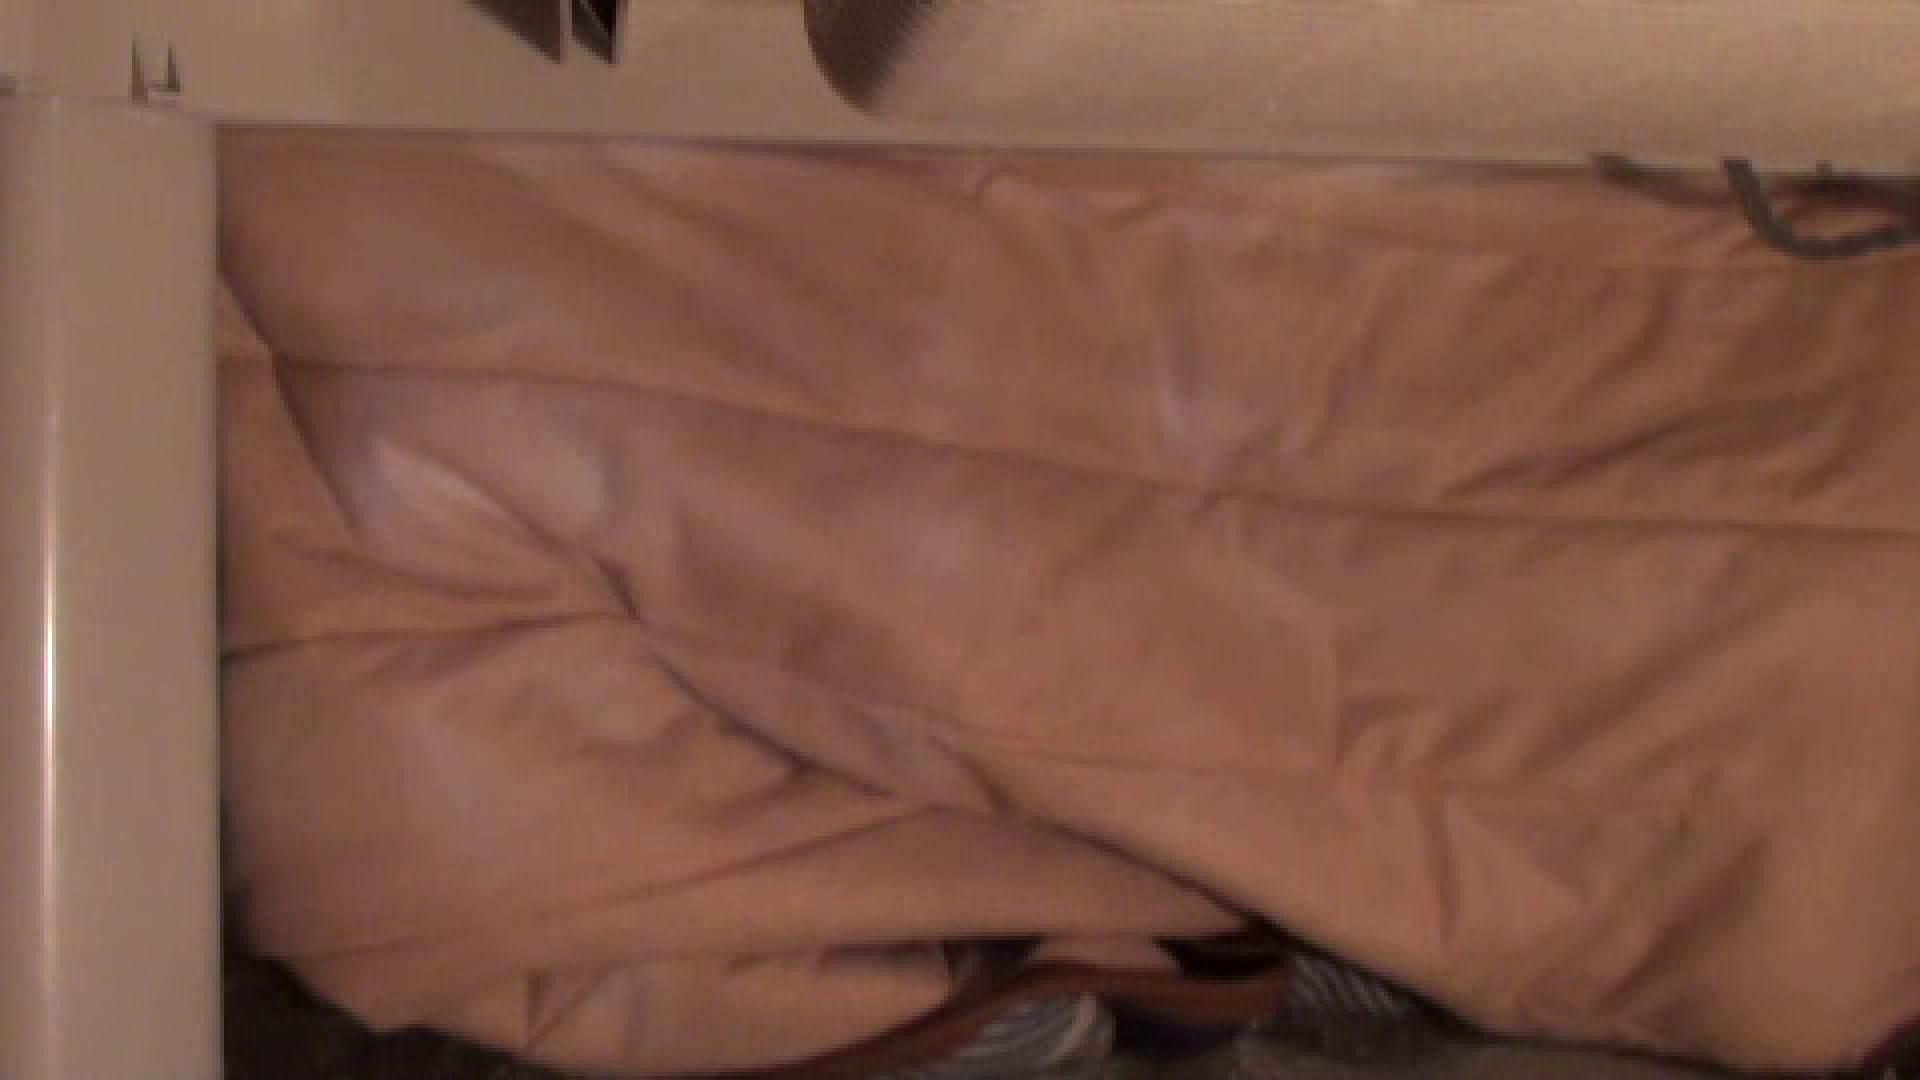 吹奏楽部。部室のコタツの中へ vol.09 制服 のぞき動画画像 11pic 3